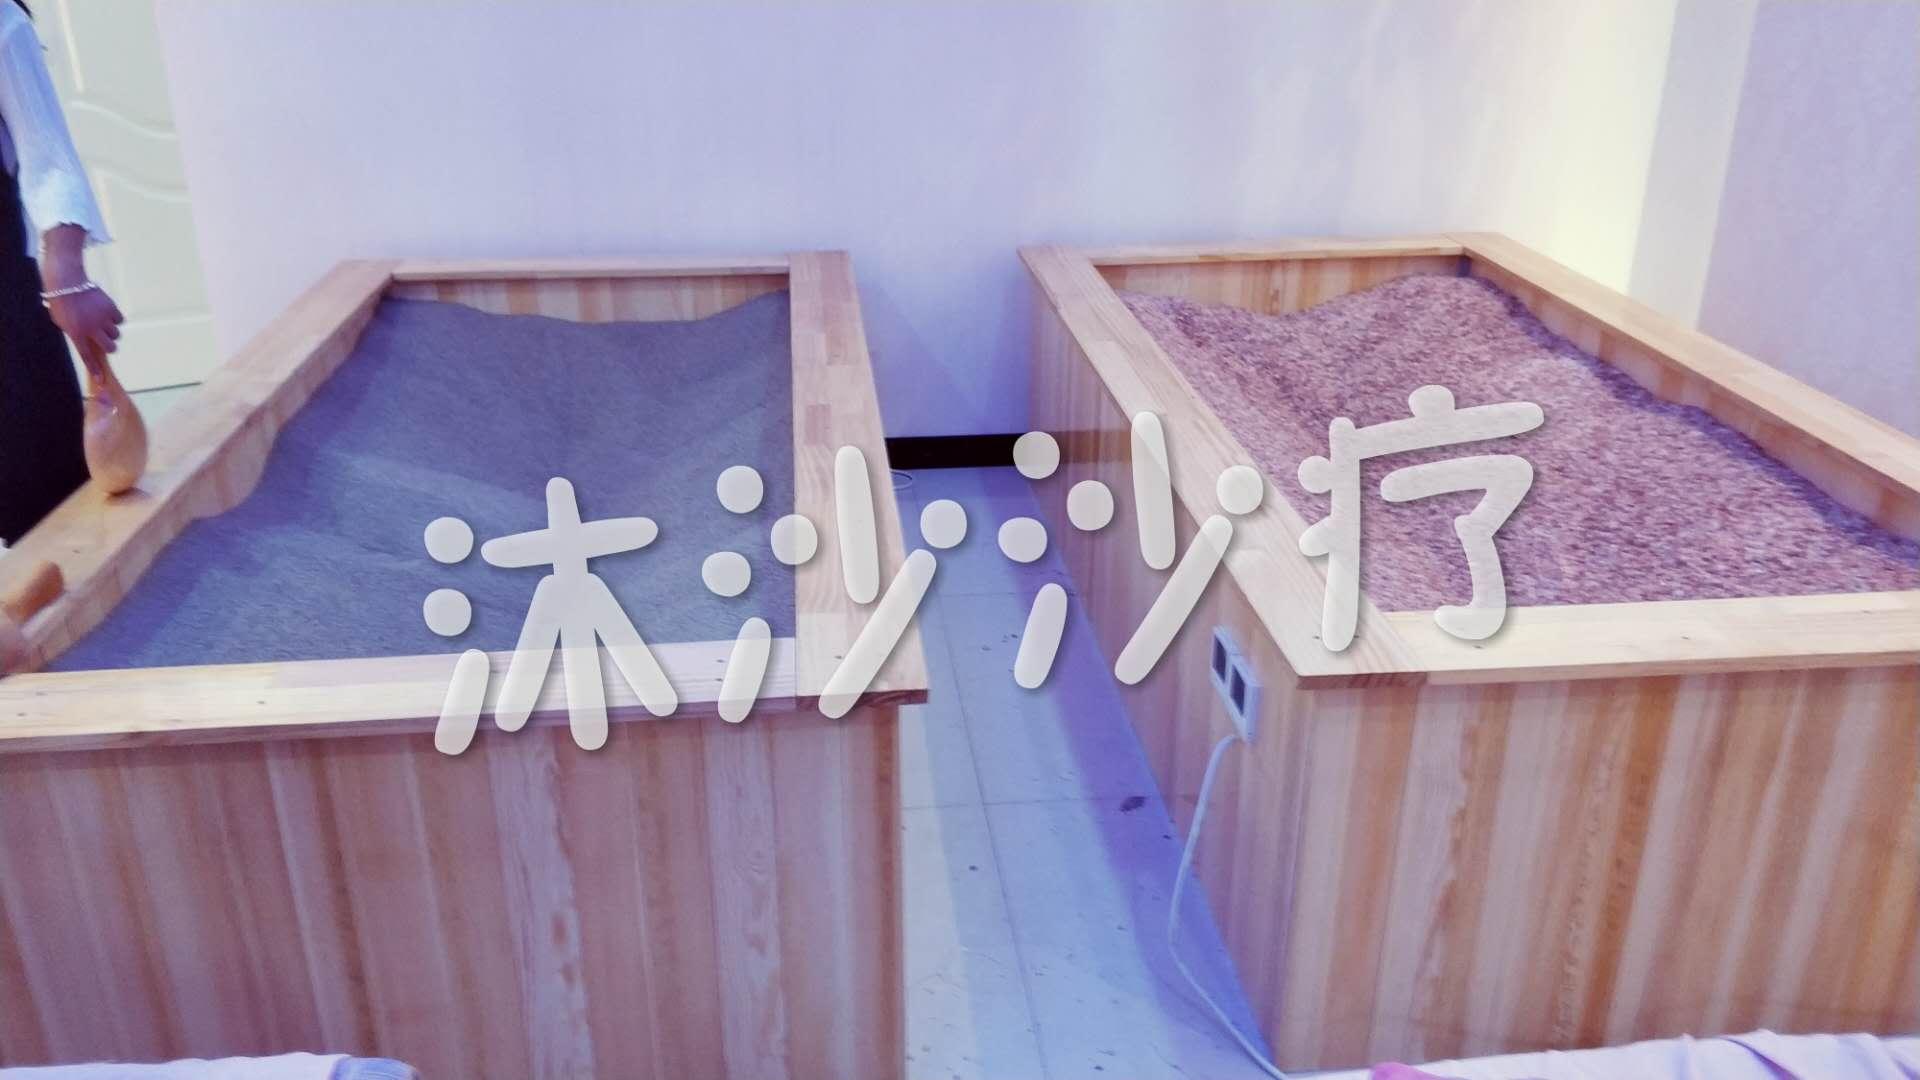 沐沙沙疗专业生产盐疗